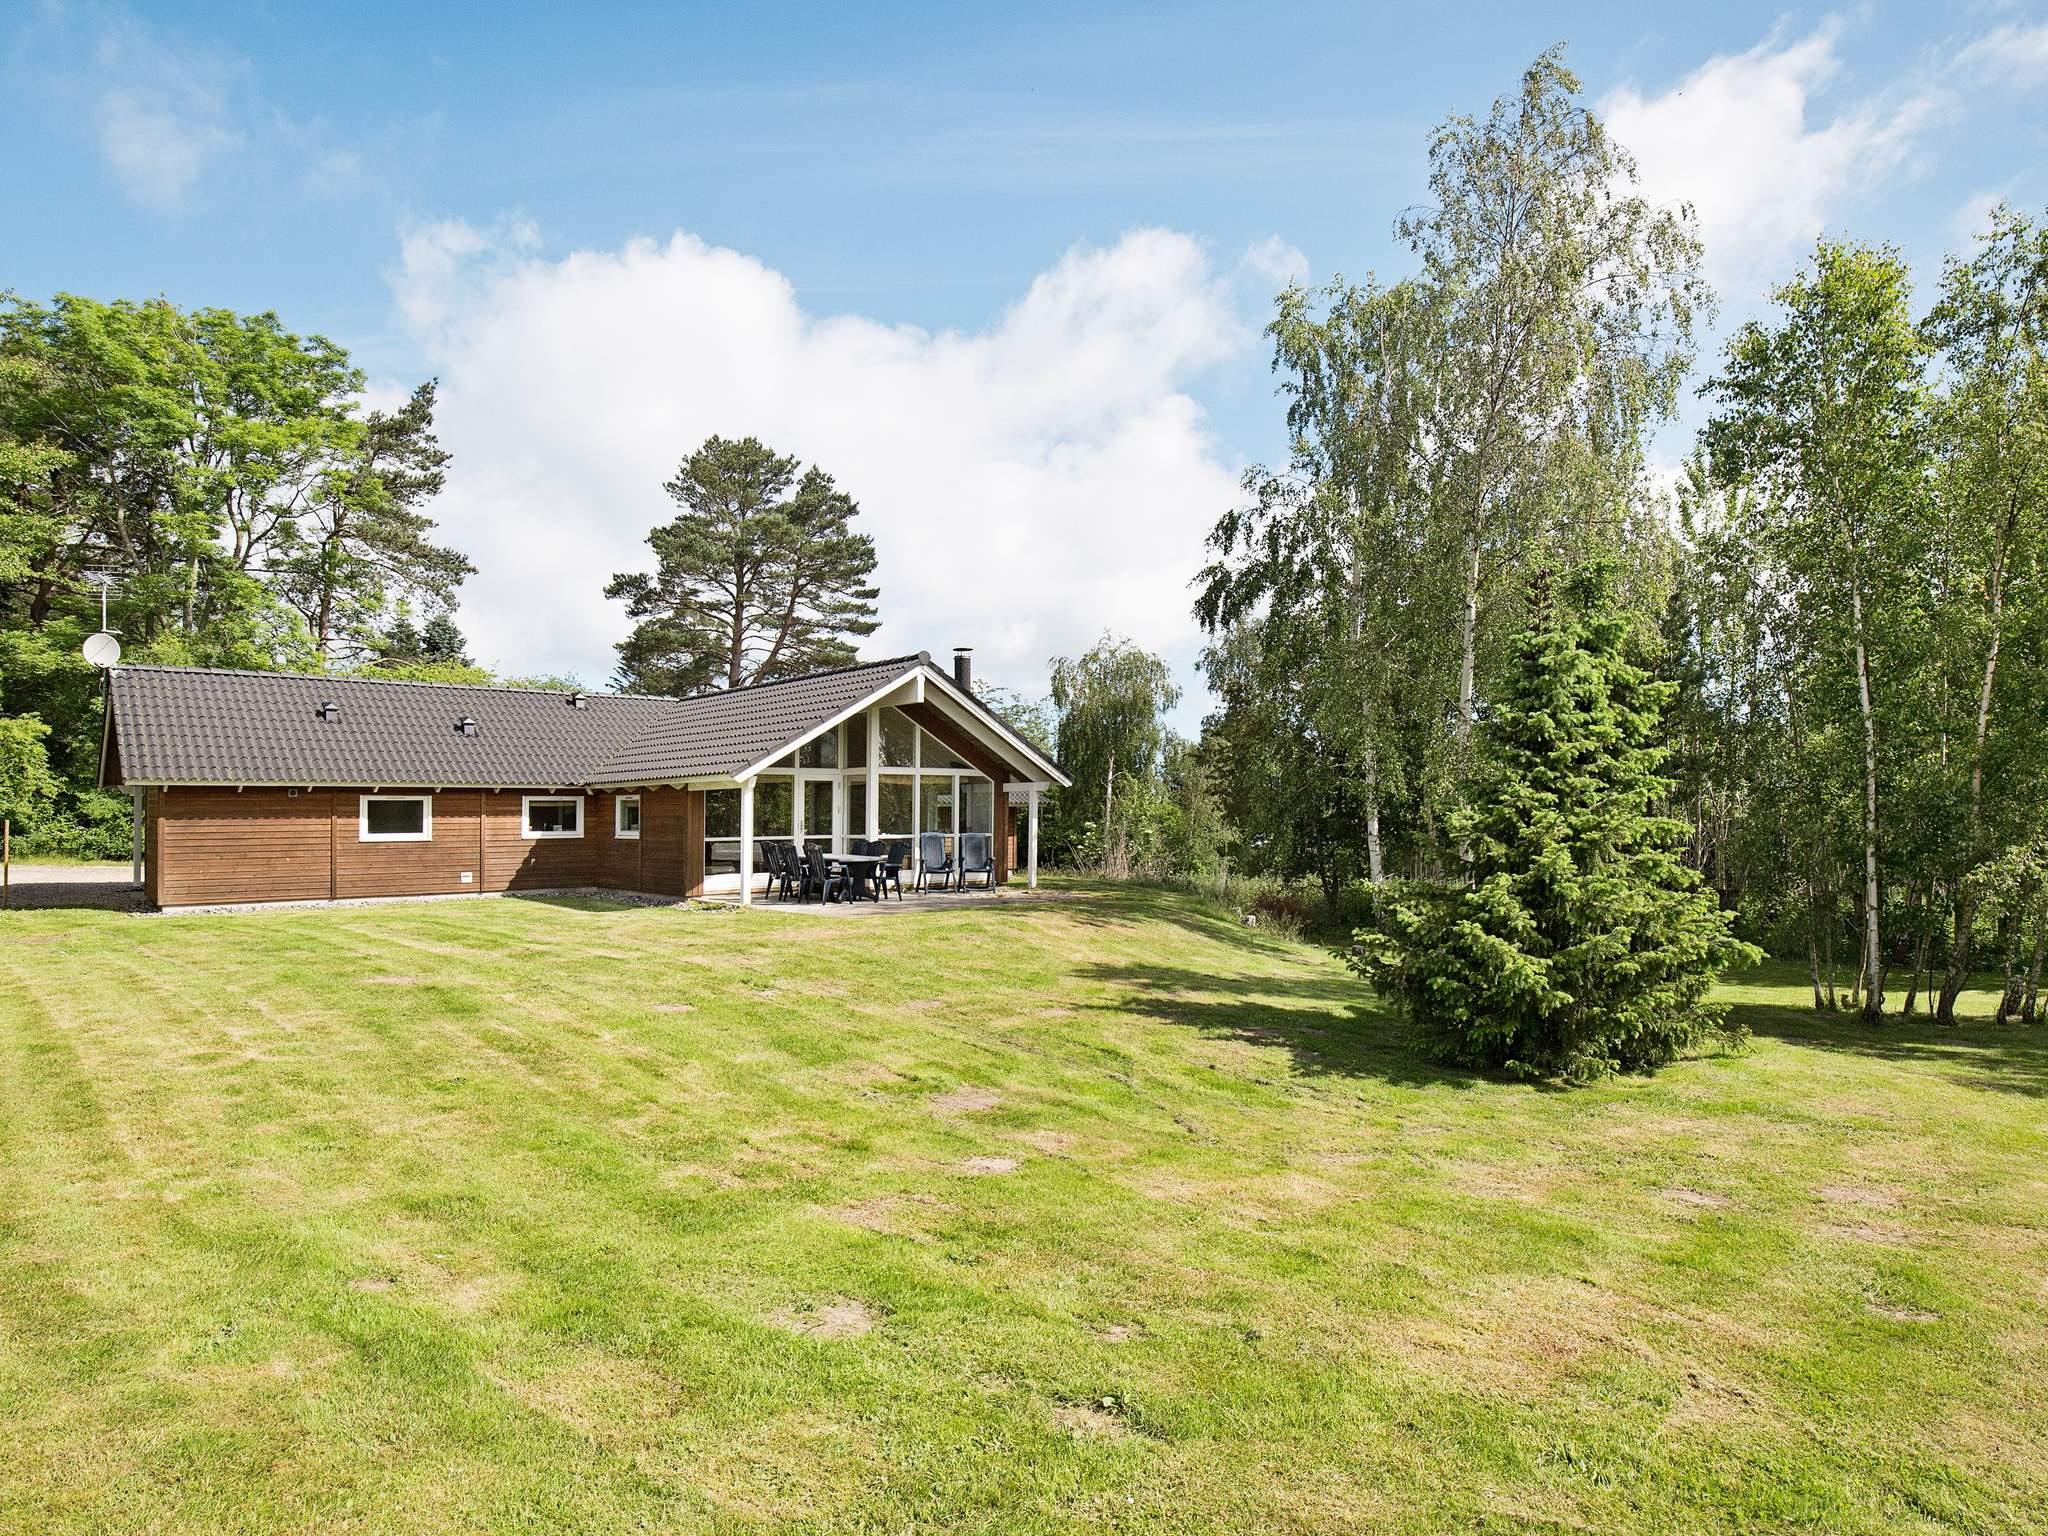 Ferienhaus Veddinge Bakker (216923), Asnæs, , Westseeland, Dänemark, Bild 16